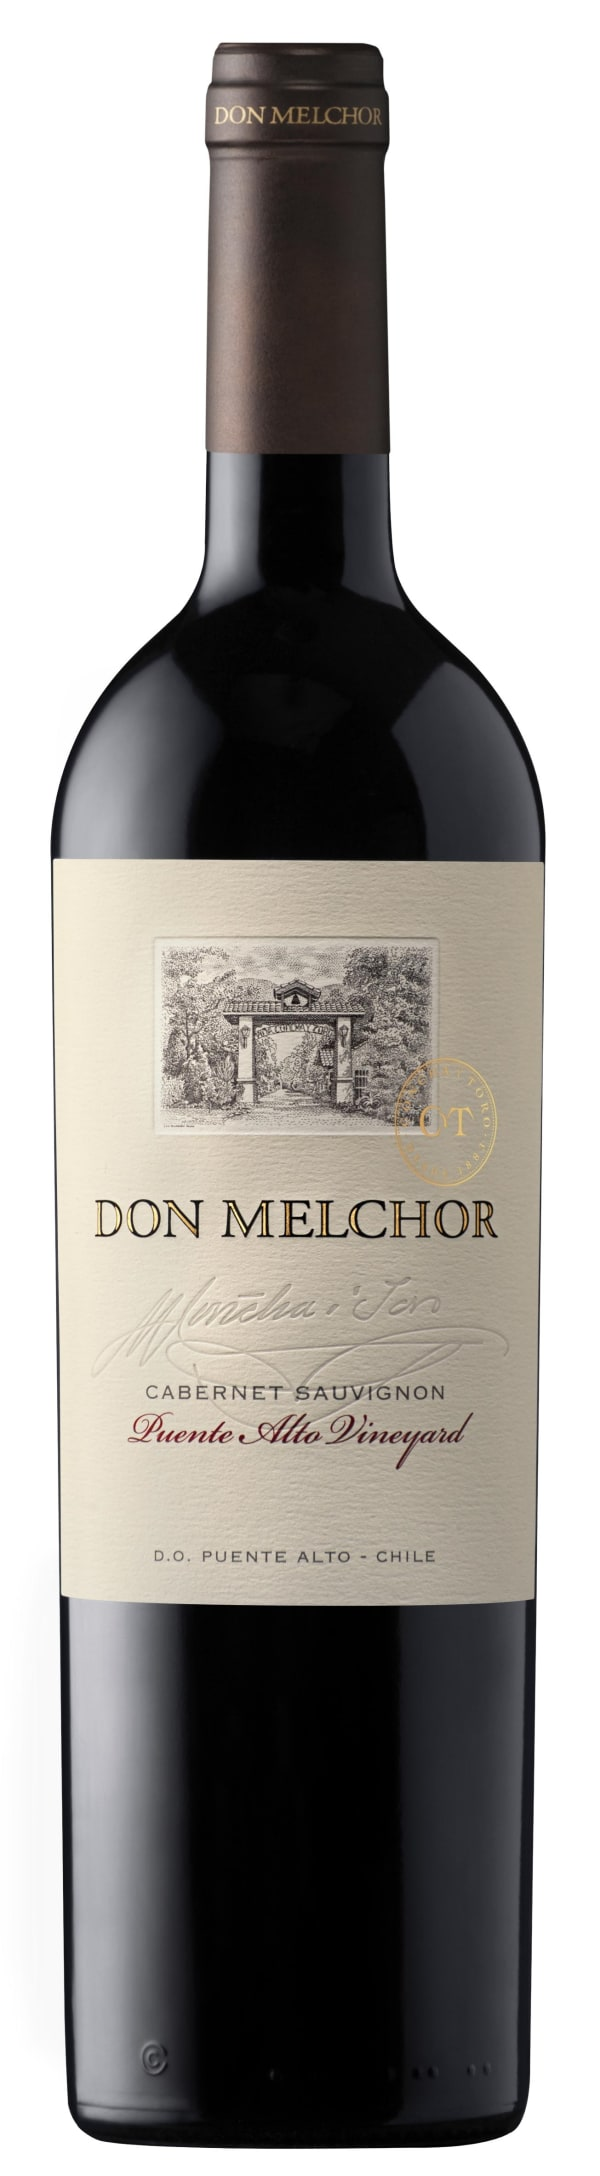 Don Melchor Cabernet Sauvignon 2012